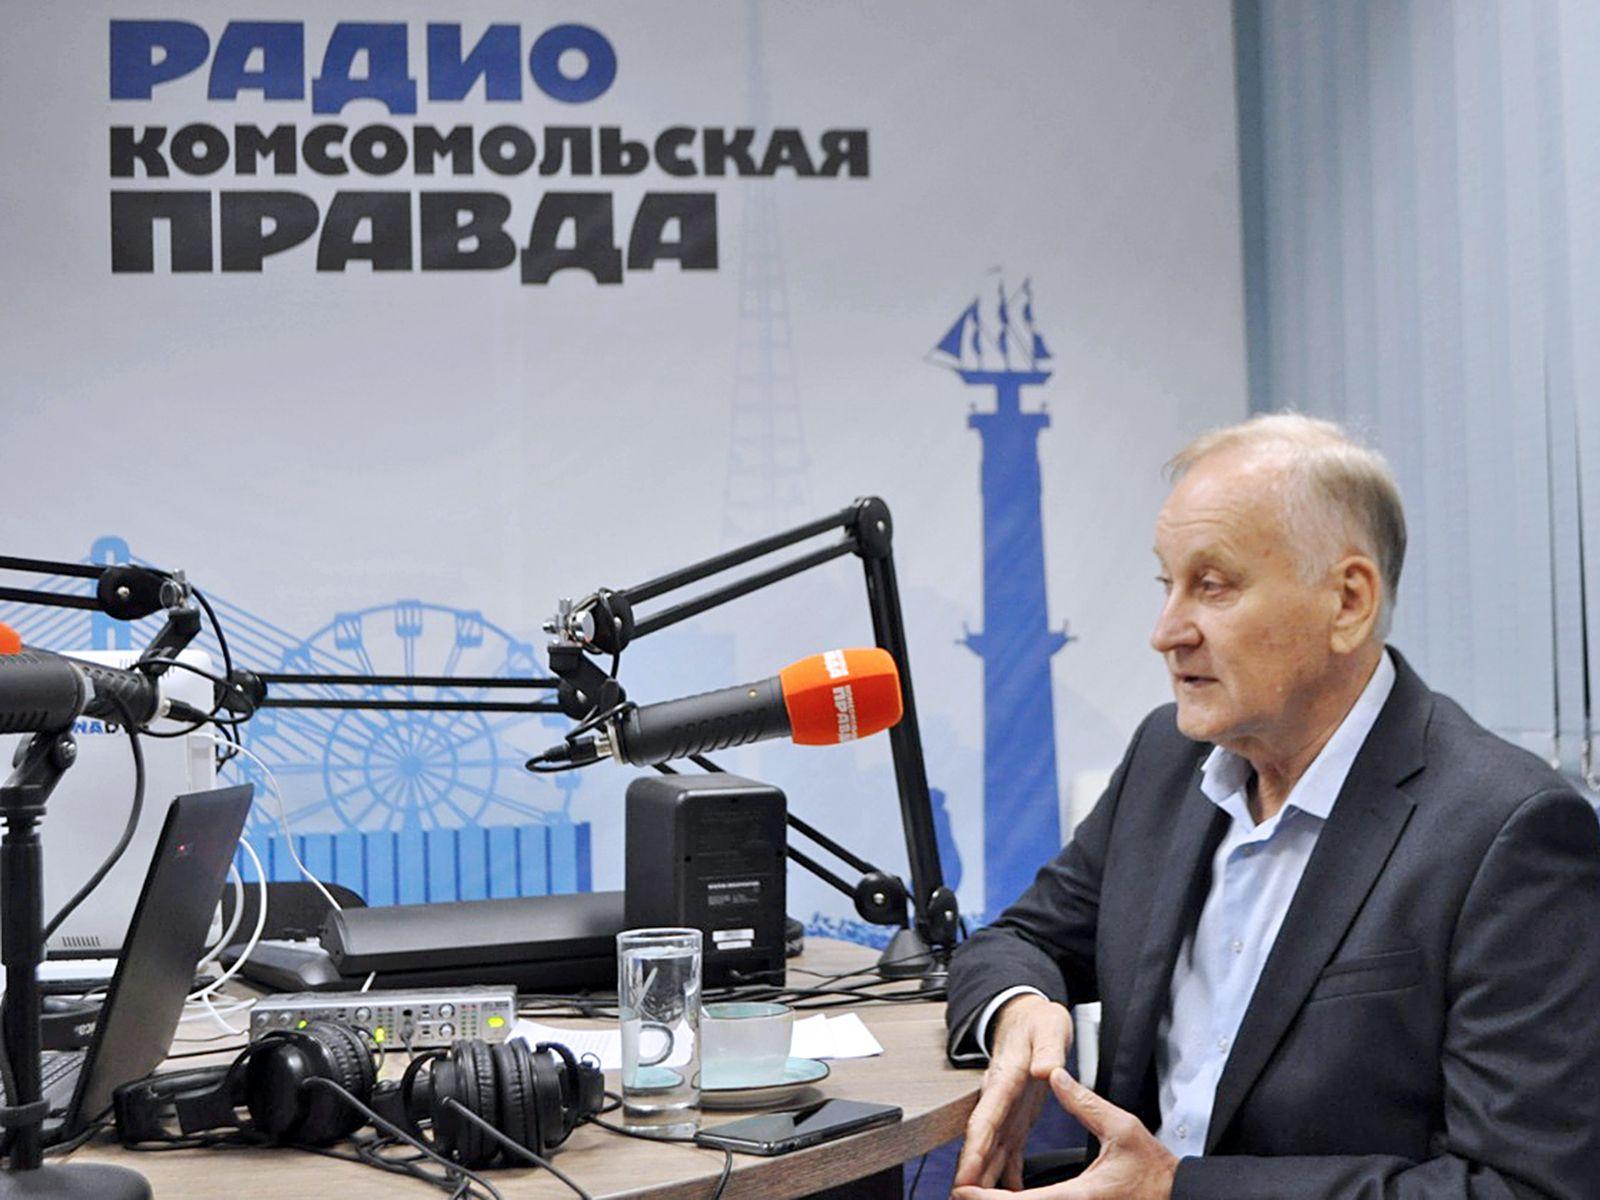 Геннадий Лазарев в эфире радио «Комсомольская правда»: стать лучшим экономическим вузом среди классических университетов — новый вызов ВГУЭС